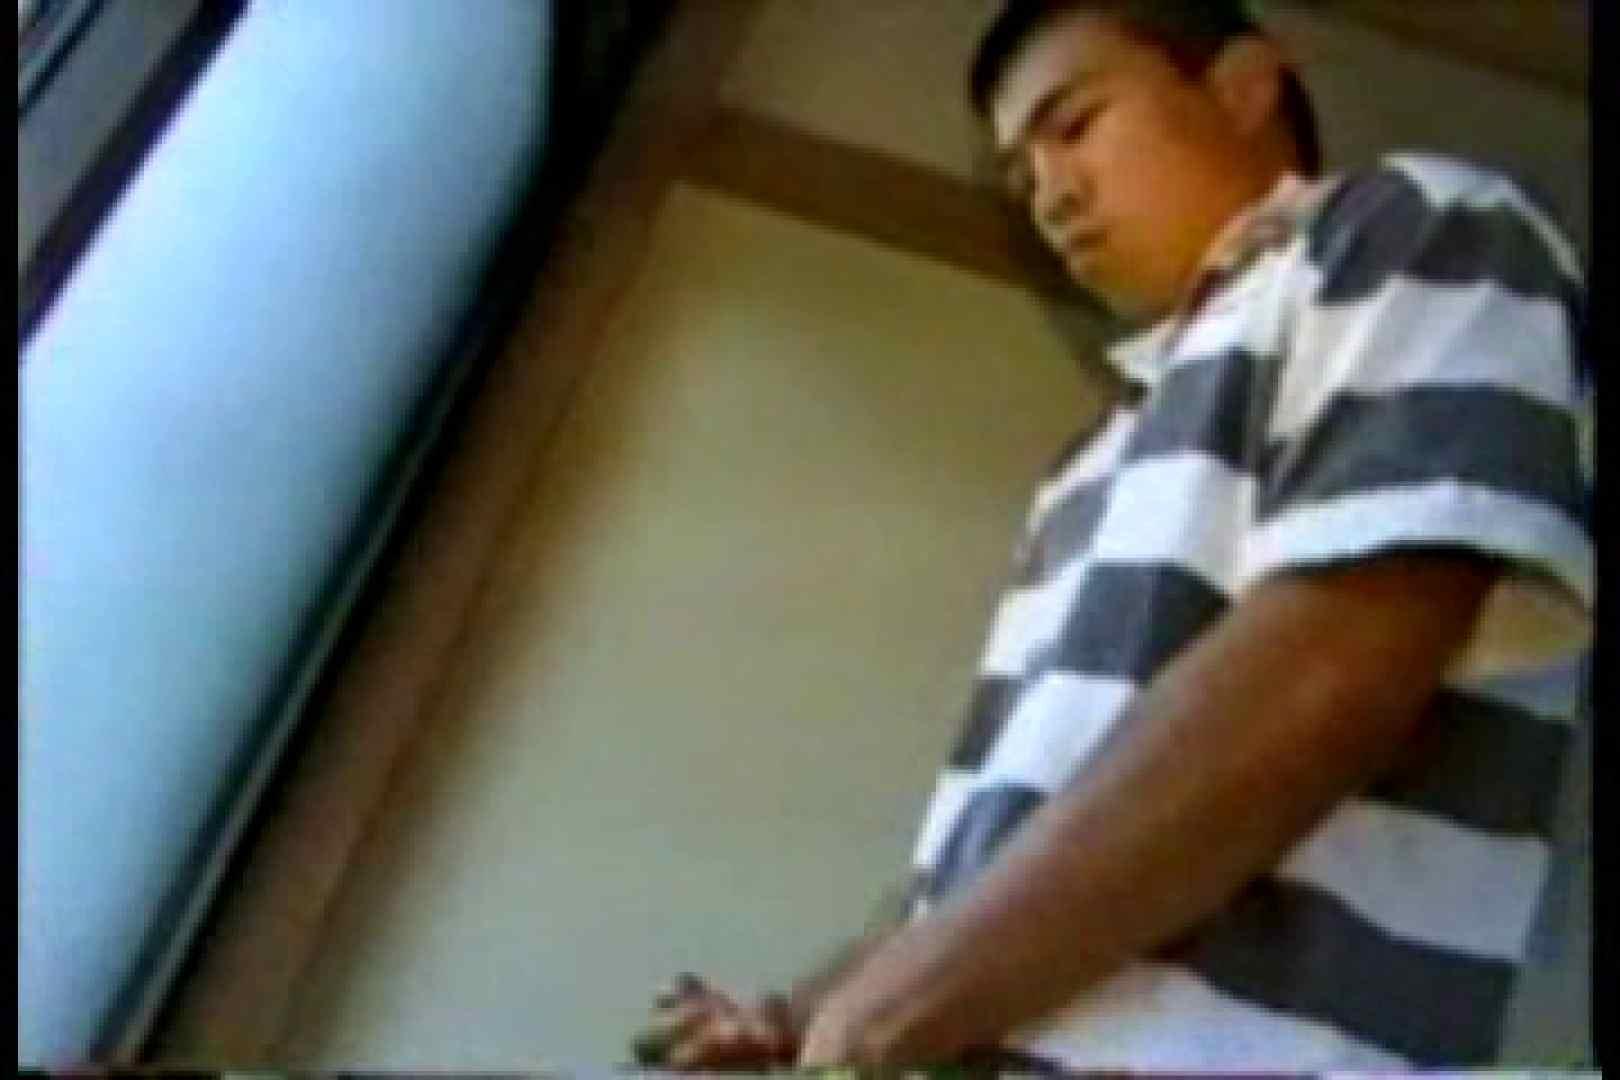 『ノンケ・スポーツマンシップとは・・・! ! 』 第8戦 ゲイのオナニー映像 ゲイエロ画像 106枚 9